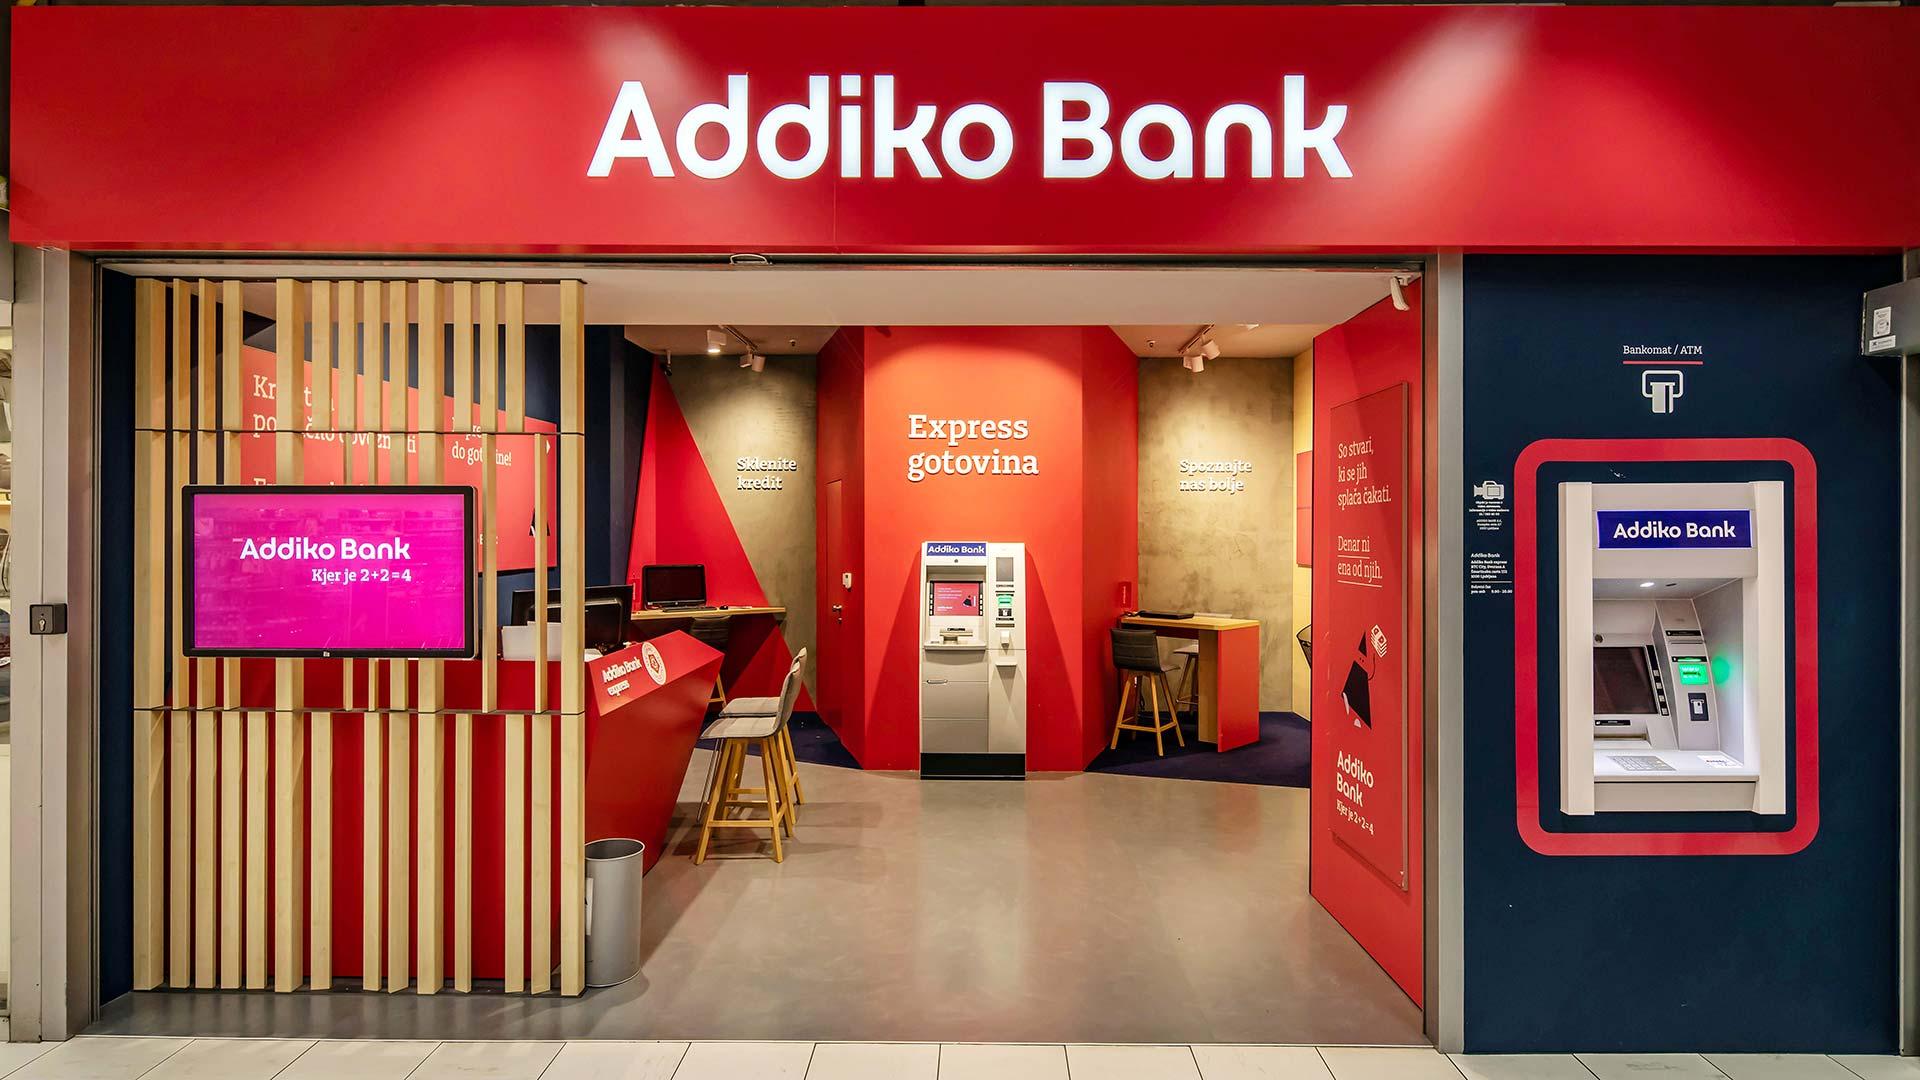 Addiko Bank express